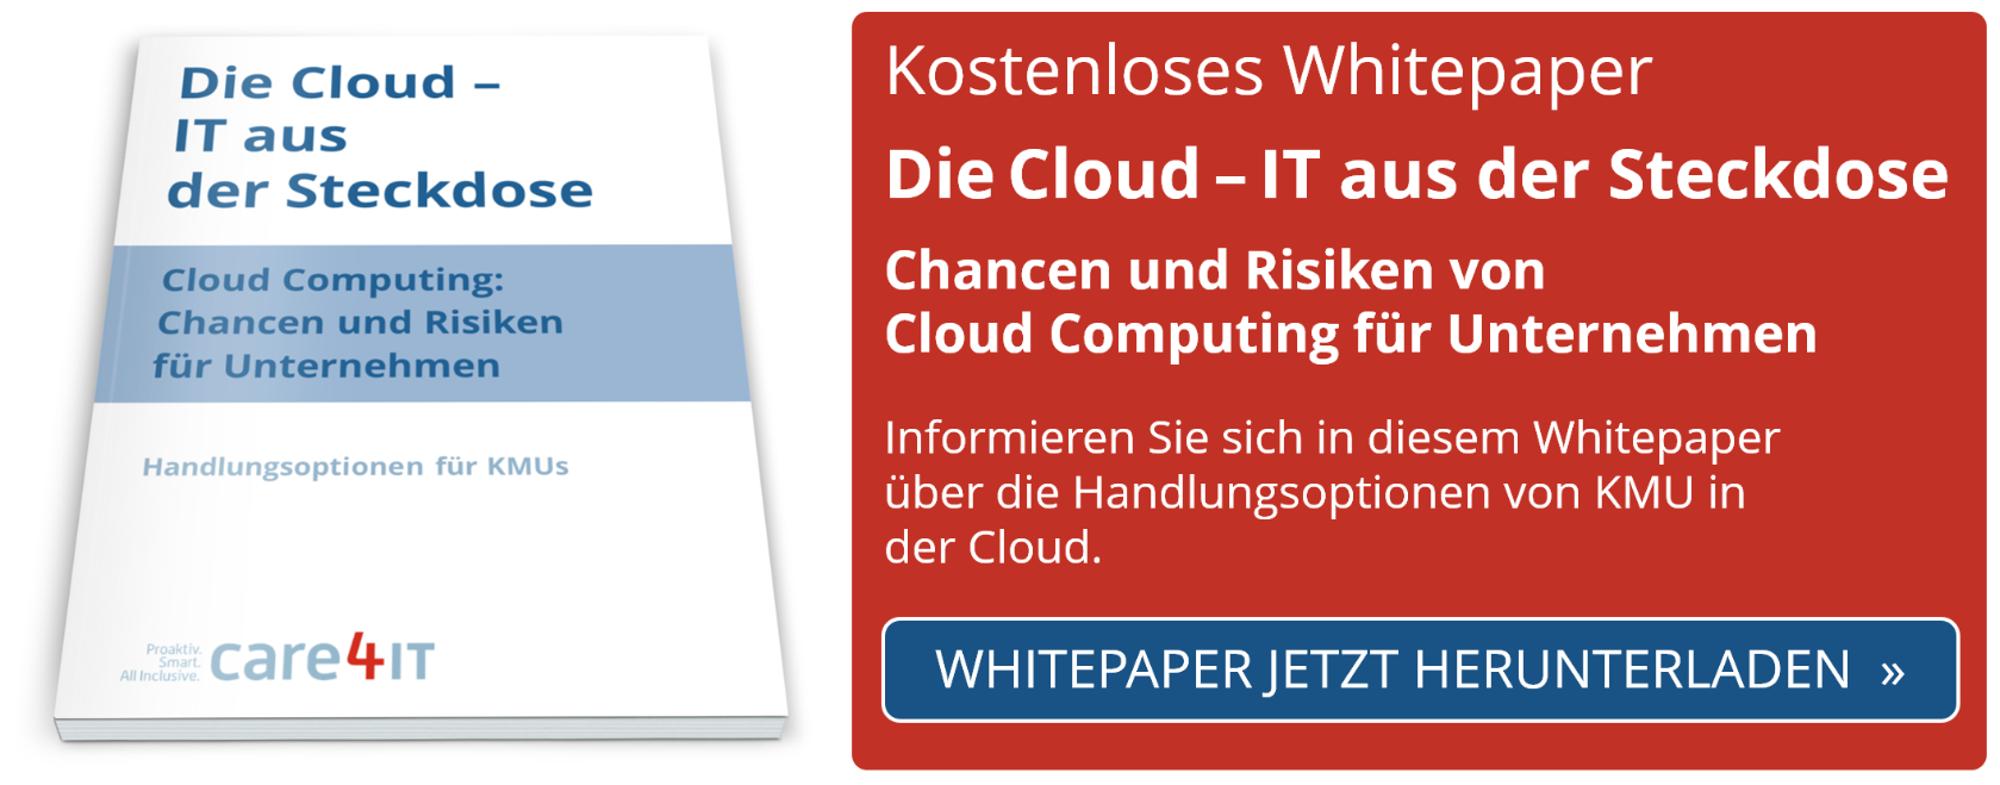 Cloud: Chancen und Risiken für KMU | Managed IT Services | Zürich | care4IT